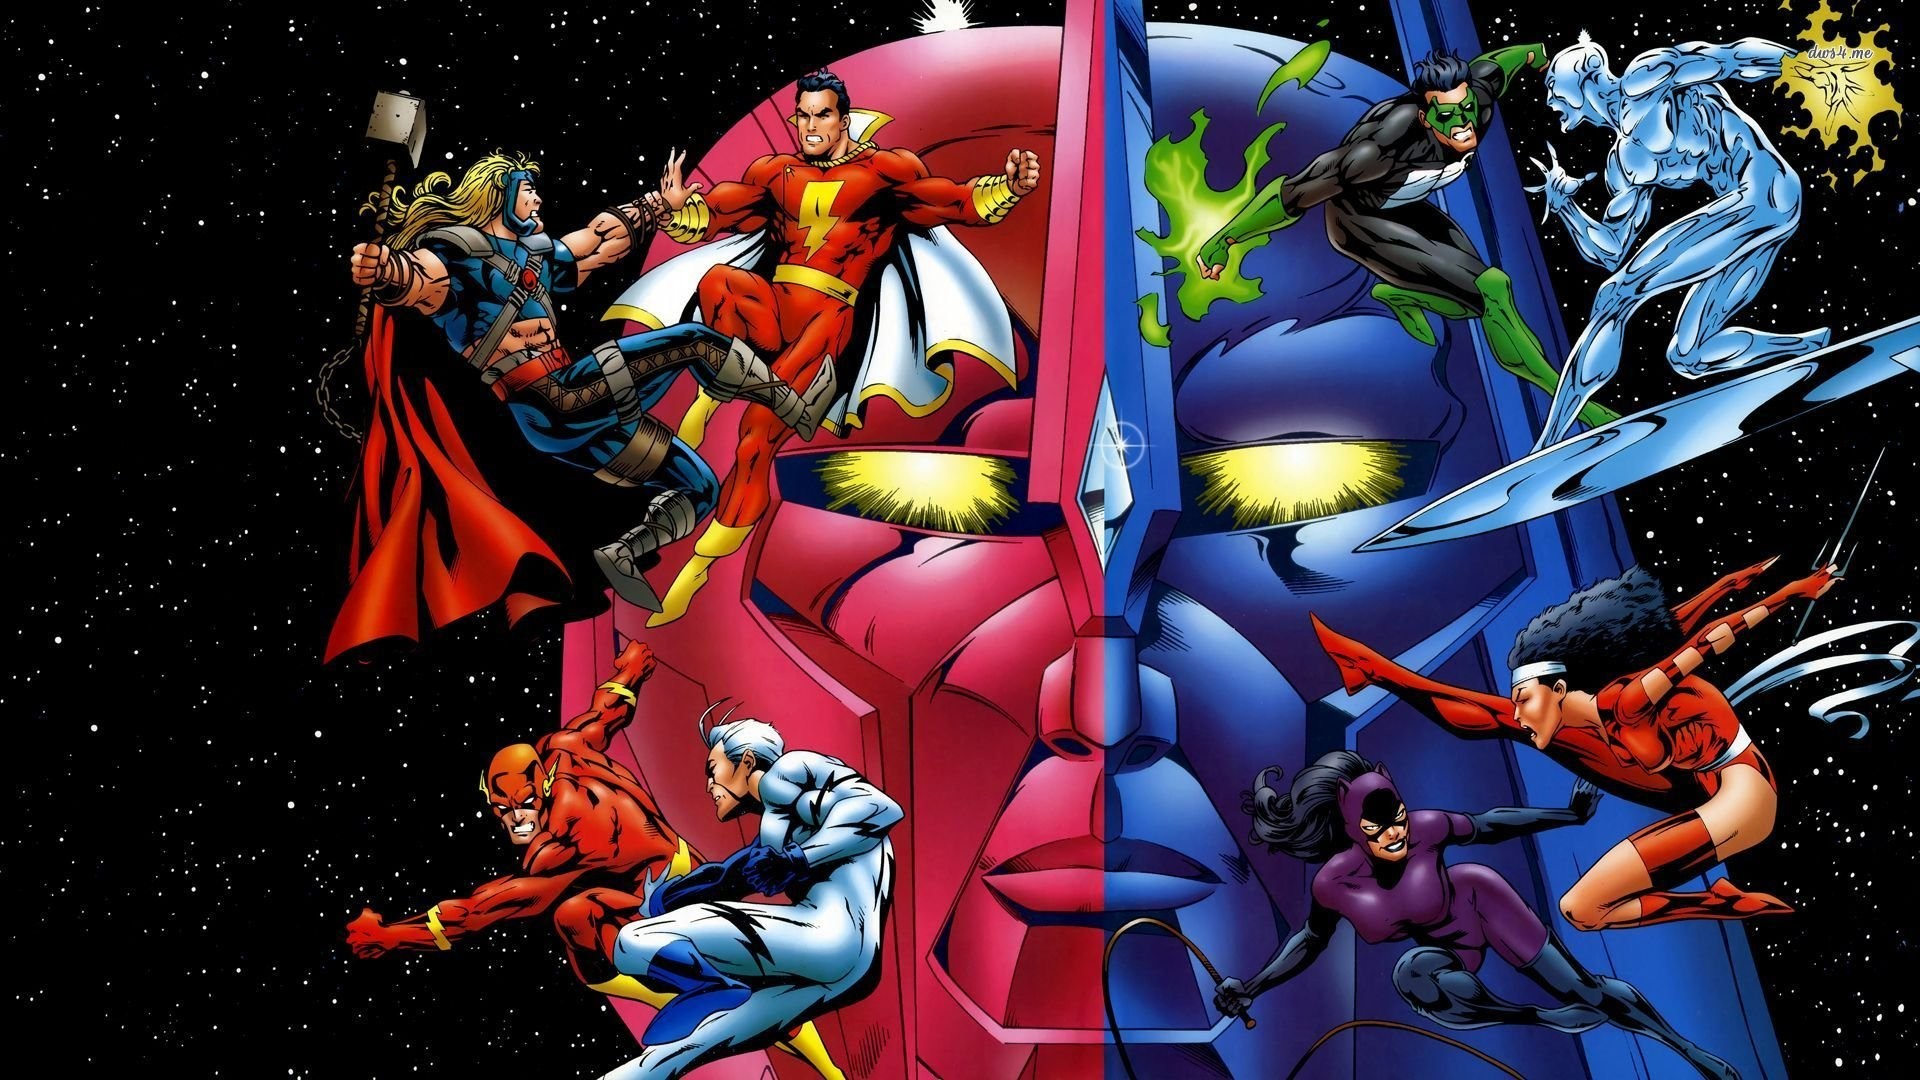 DC Comics Vs Marvel Superheroes …